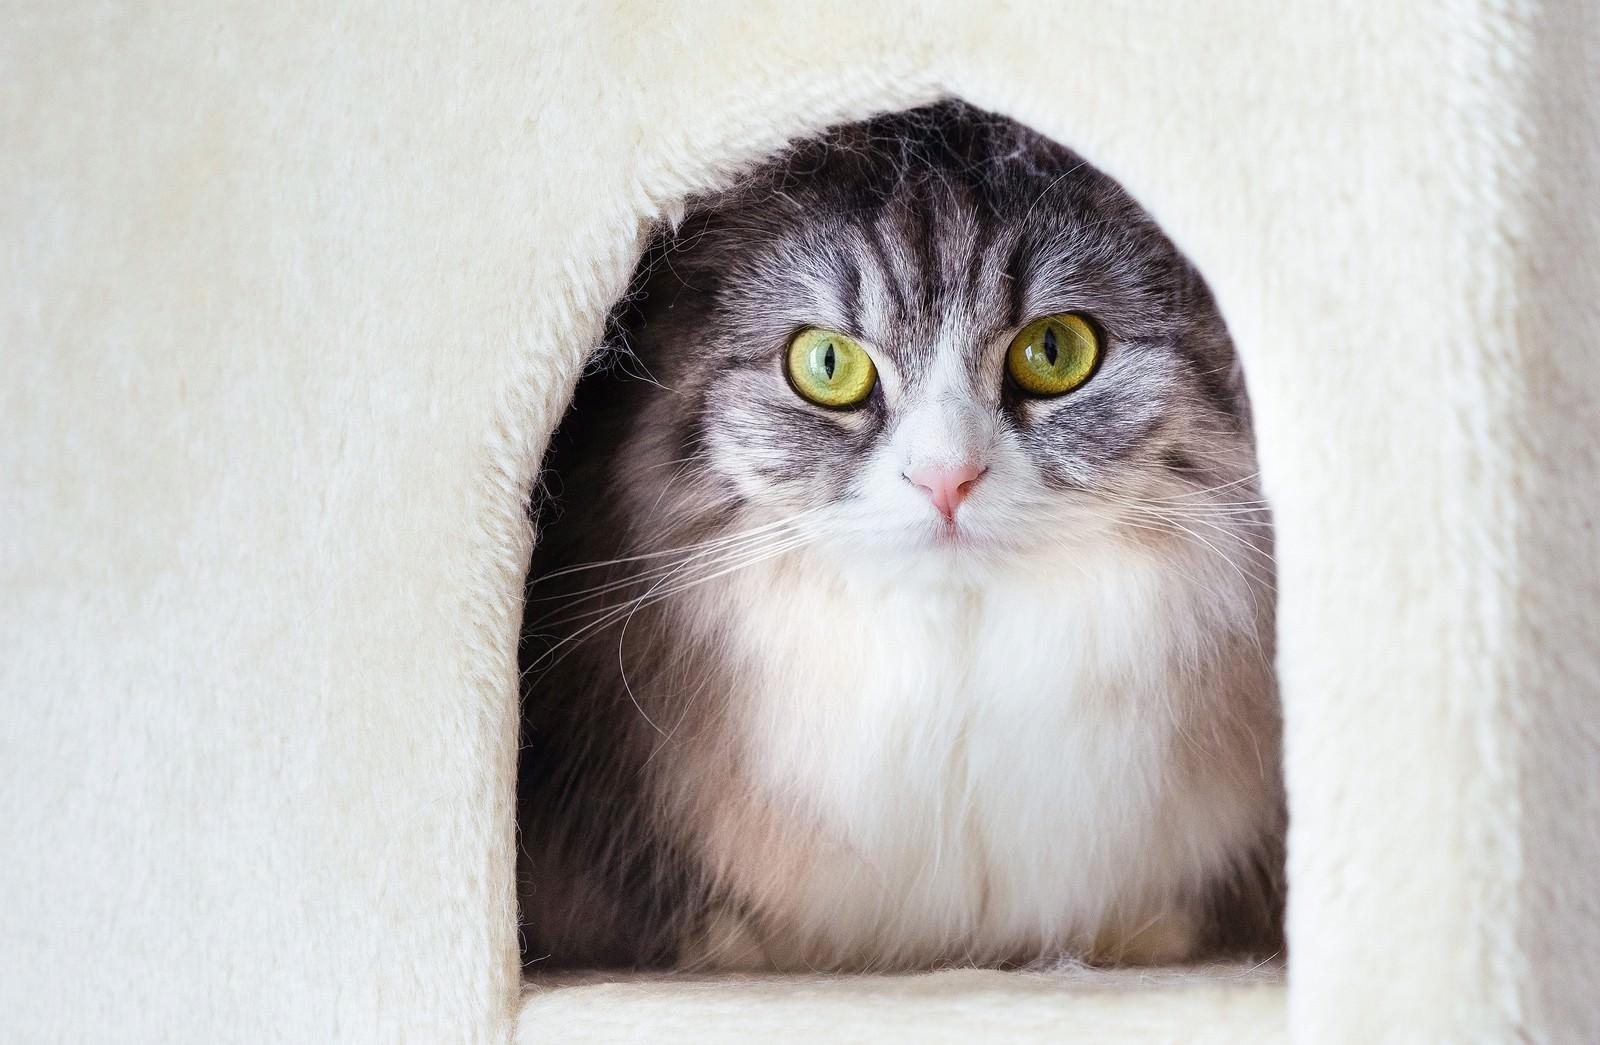 「猫タワーのボックスからこっちを見つめるメス猫(スコティッシュフォールド)」の写真